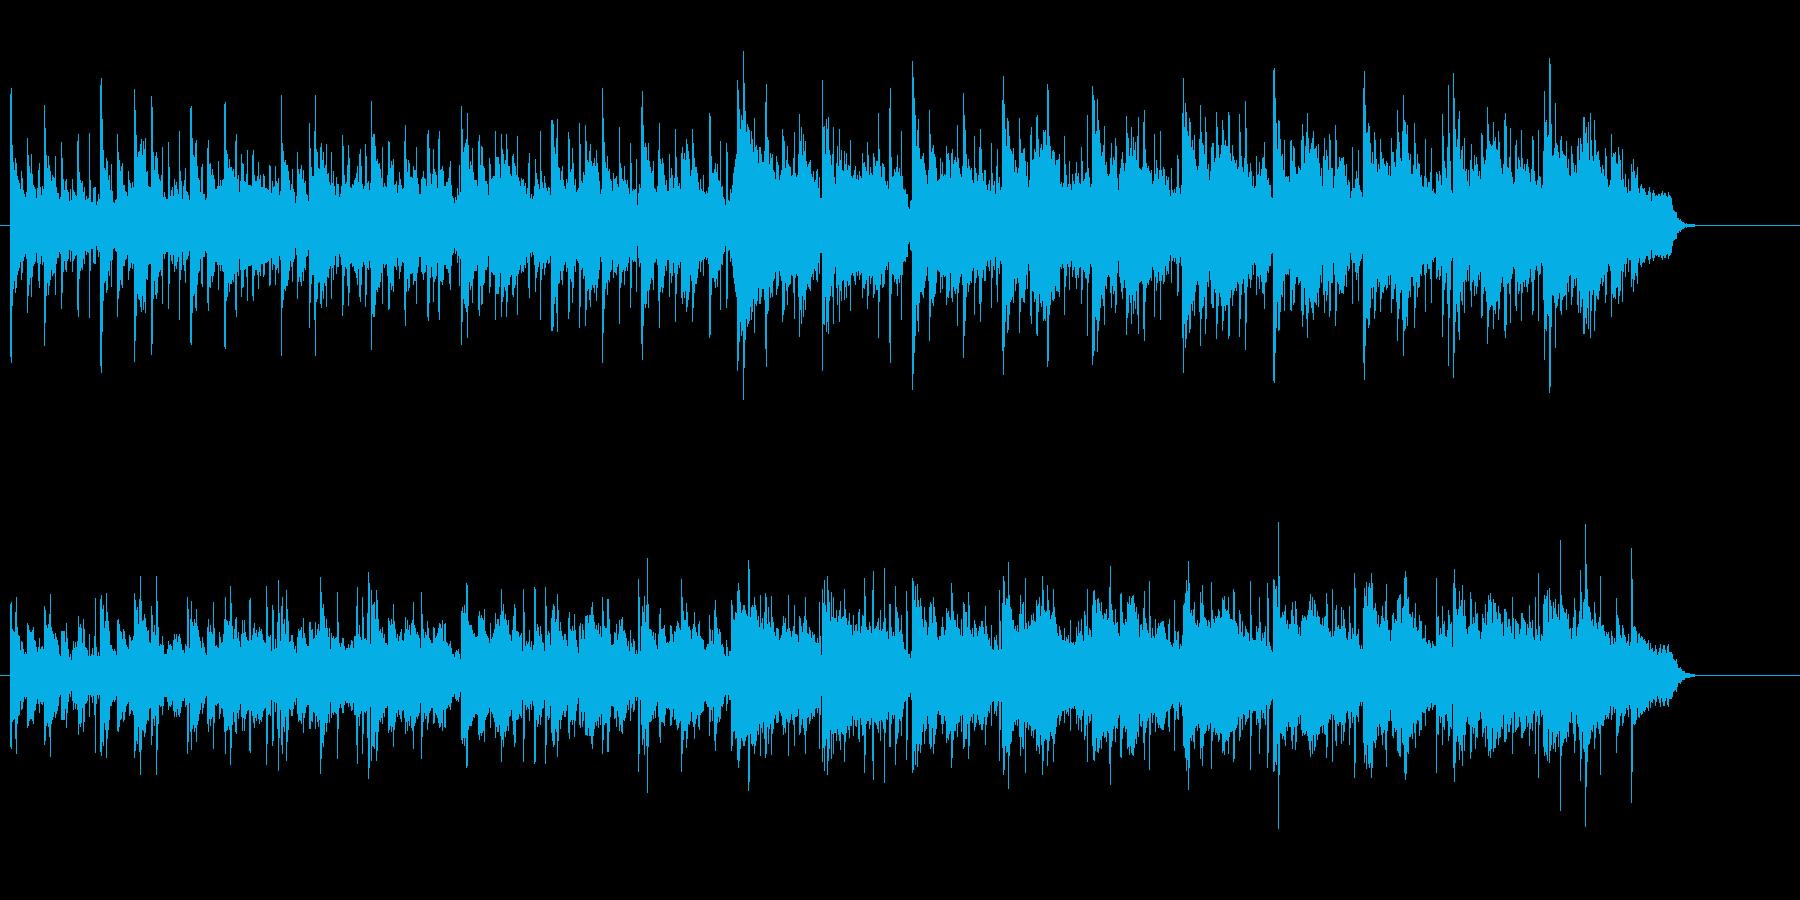 清涼なエスニック・サウンドの再生済みの波形